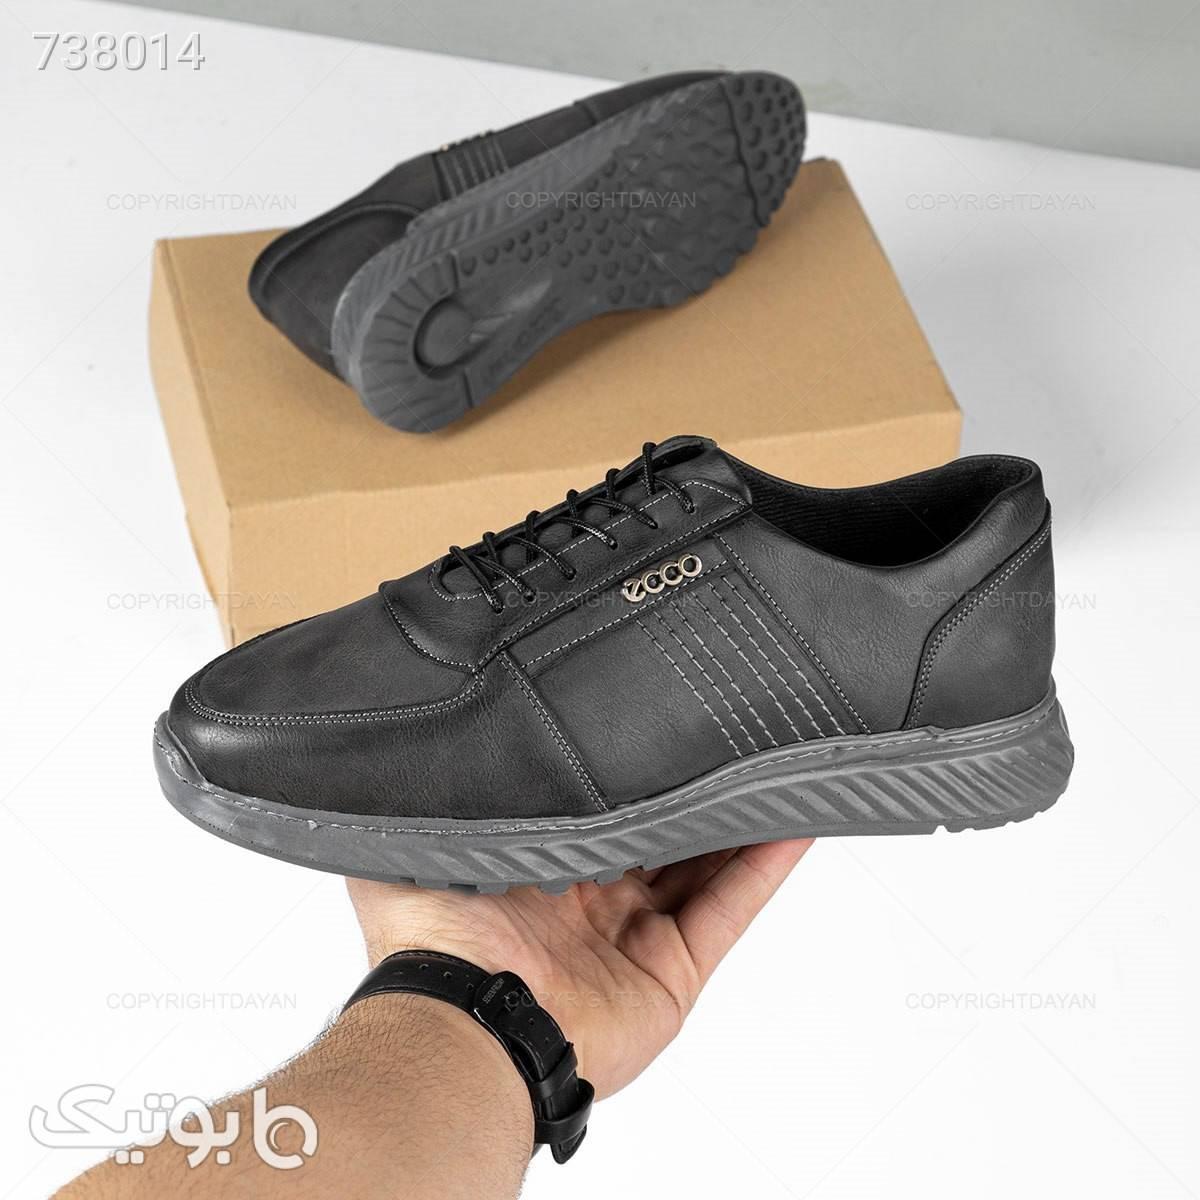 کفش مردانه Ecco مدل 18644 طوسی كفش مردانه